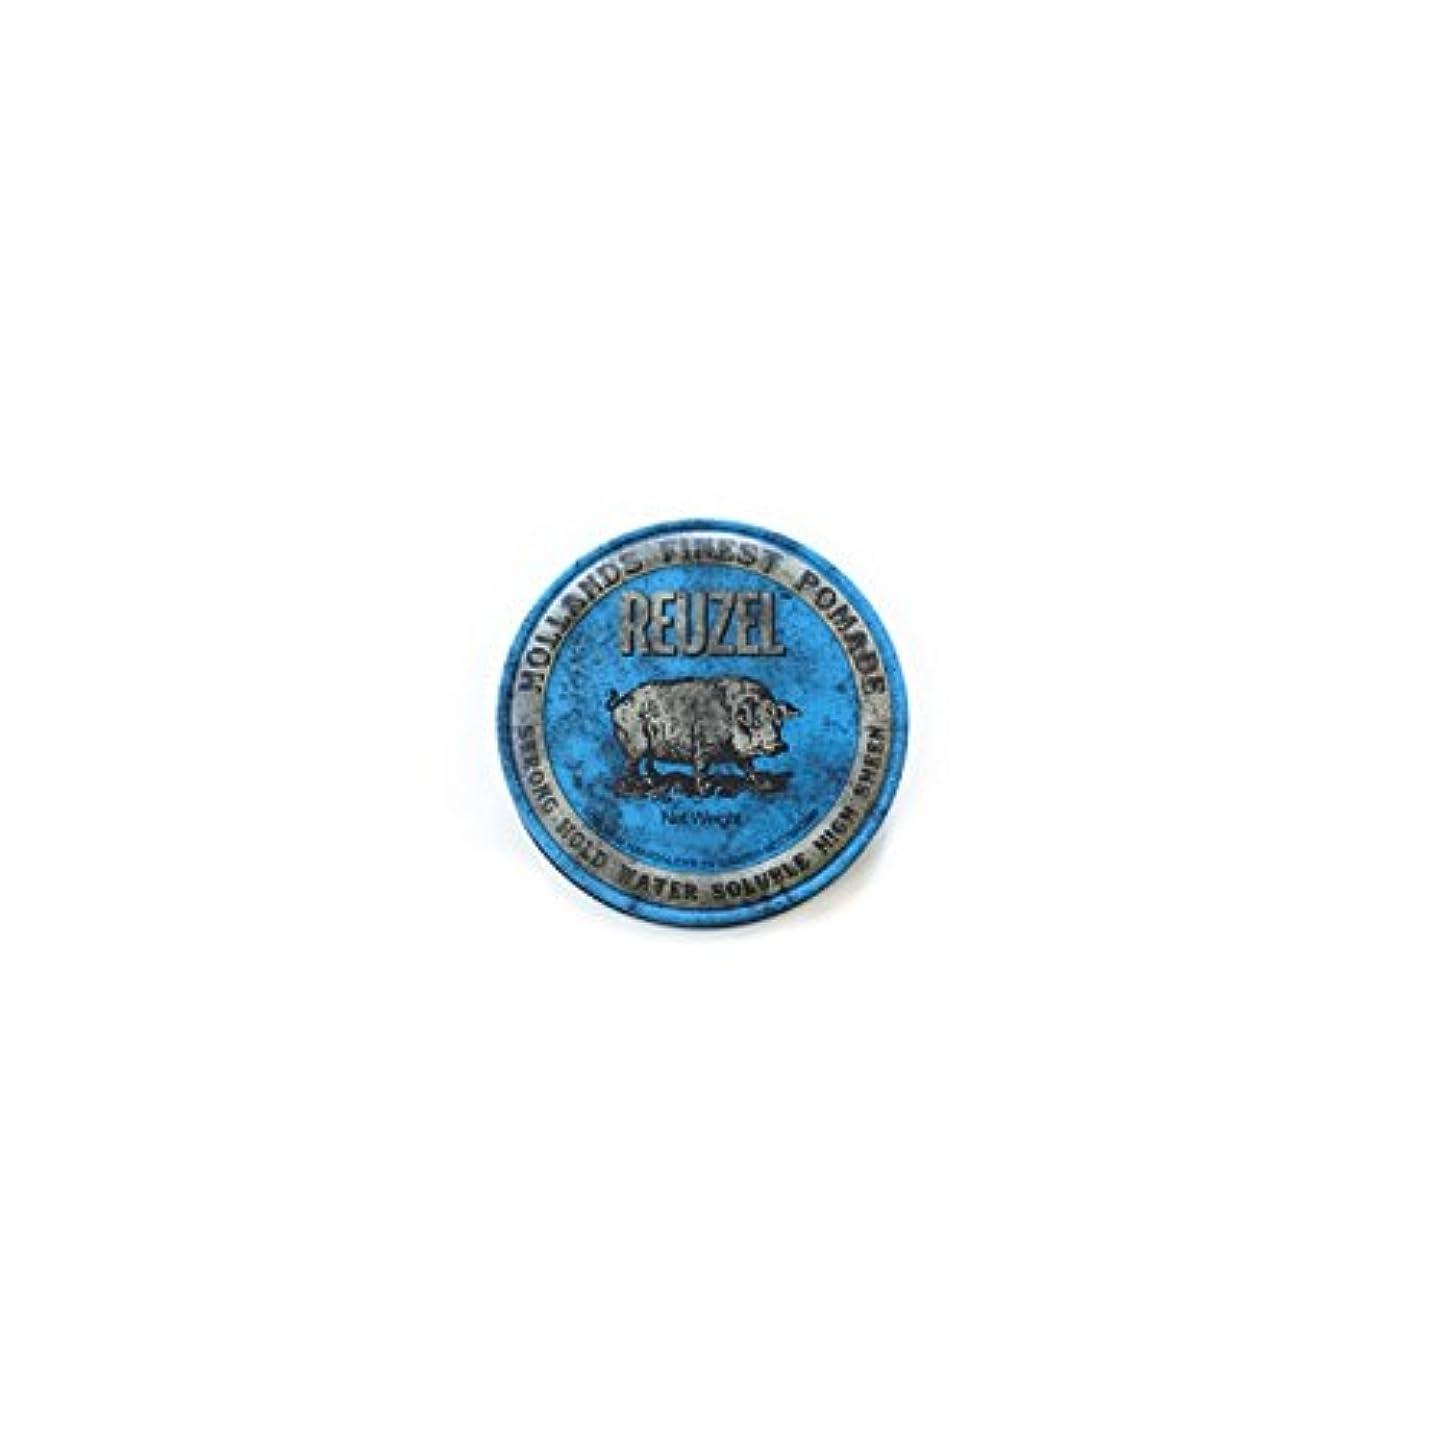 取り消す理容師気取らないREUZEL ルーゾーストロングホールドポマード  1.3oz.-35g 【青】35g <水溶性: ストロングホールド>